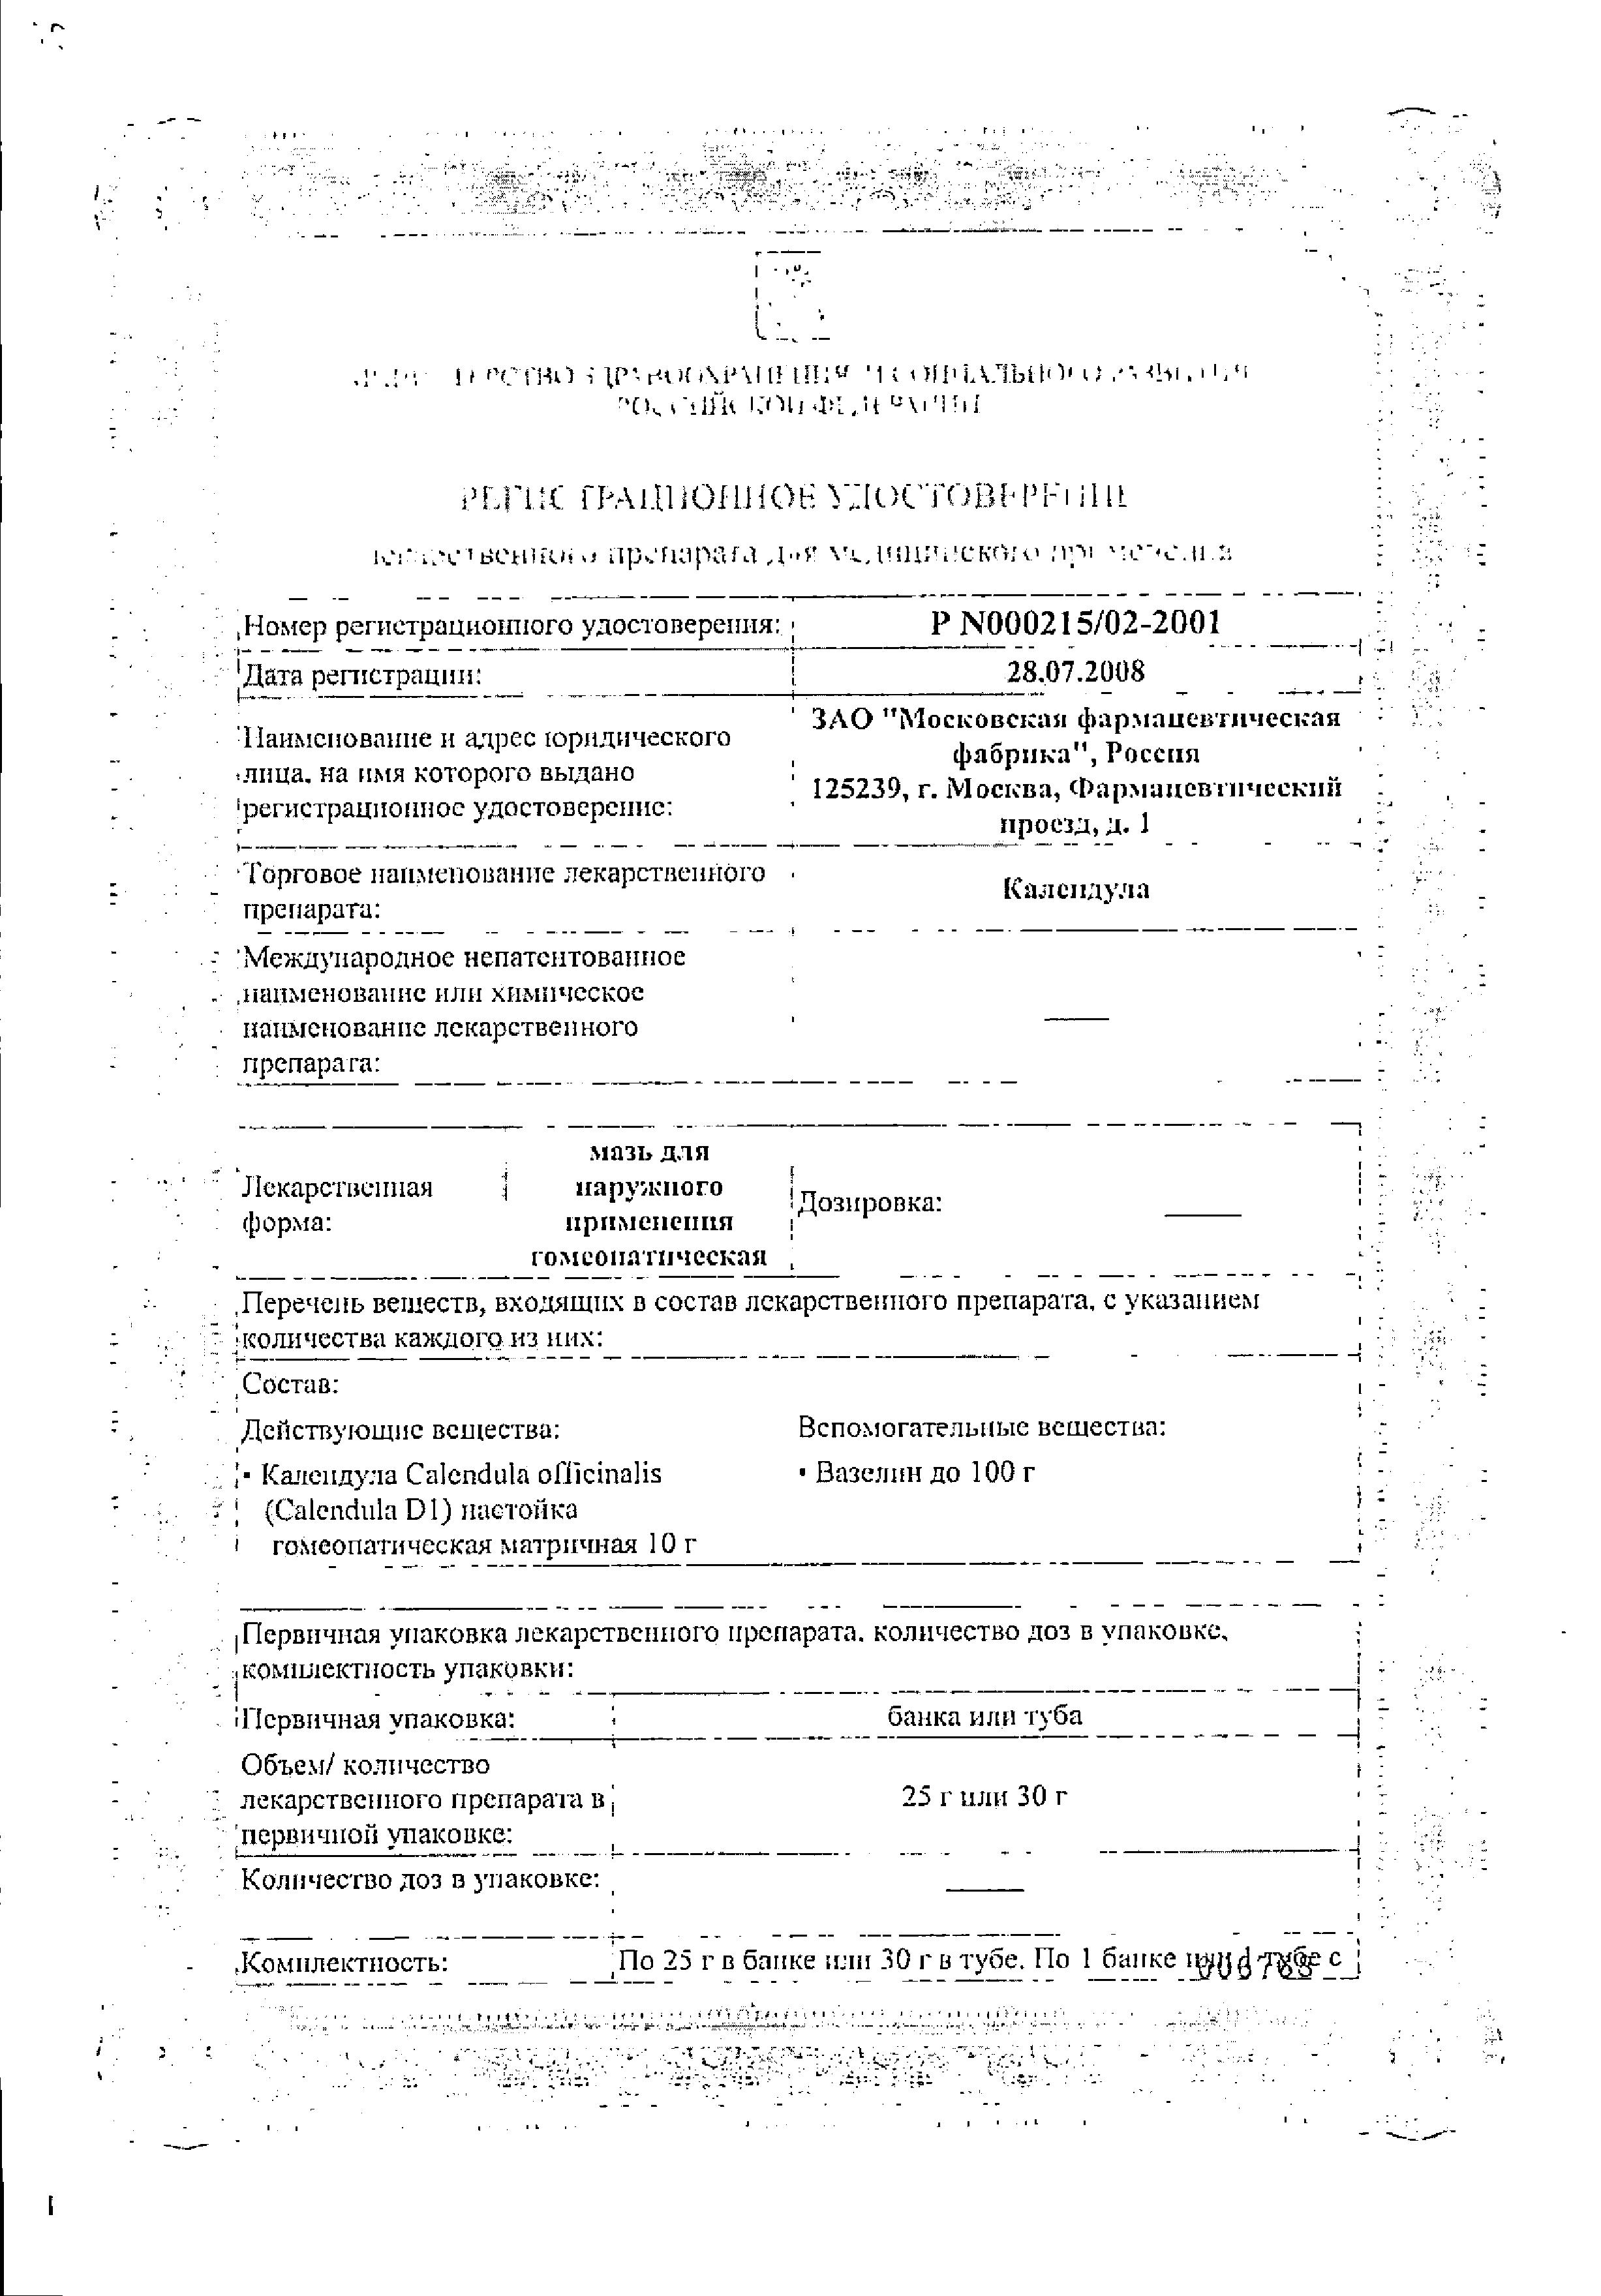 Календула (мазь гомеопатическая) сертификат